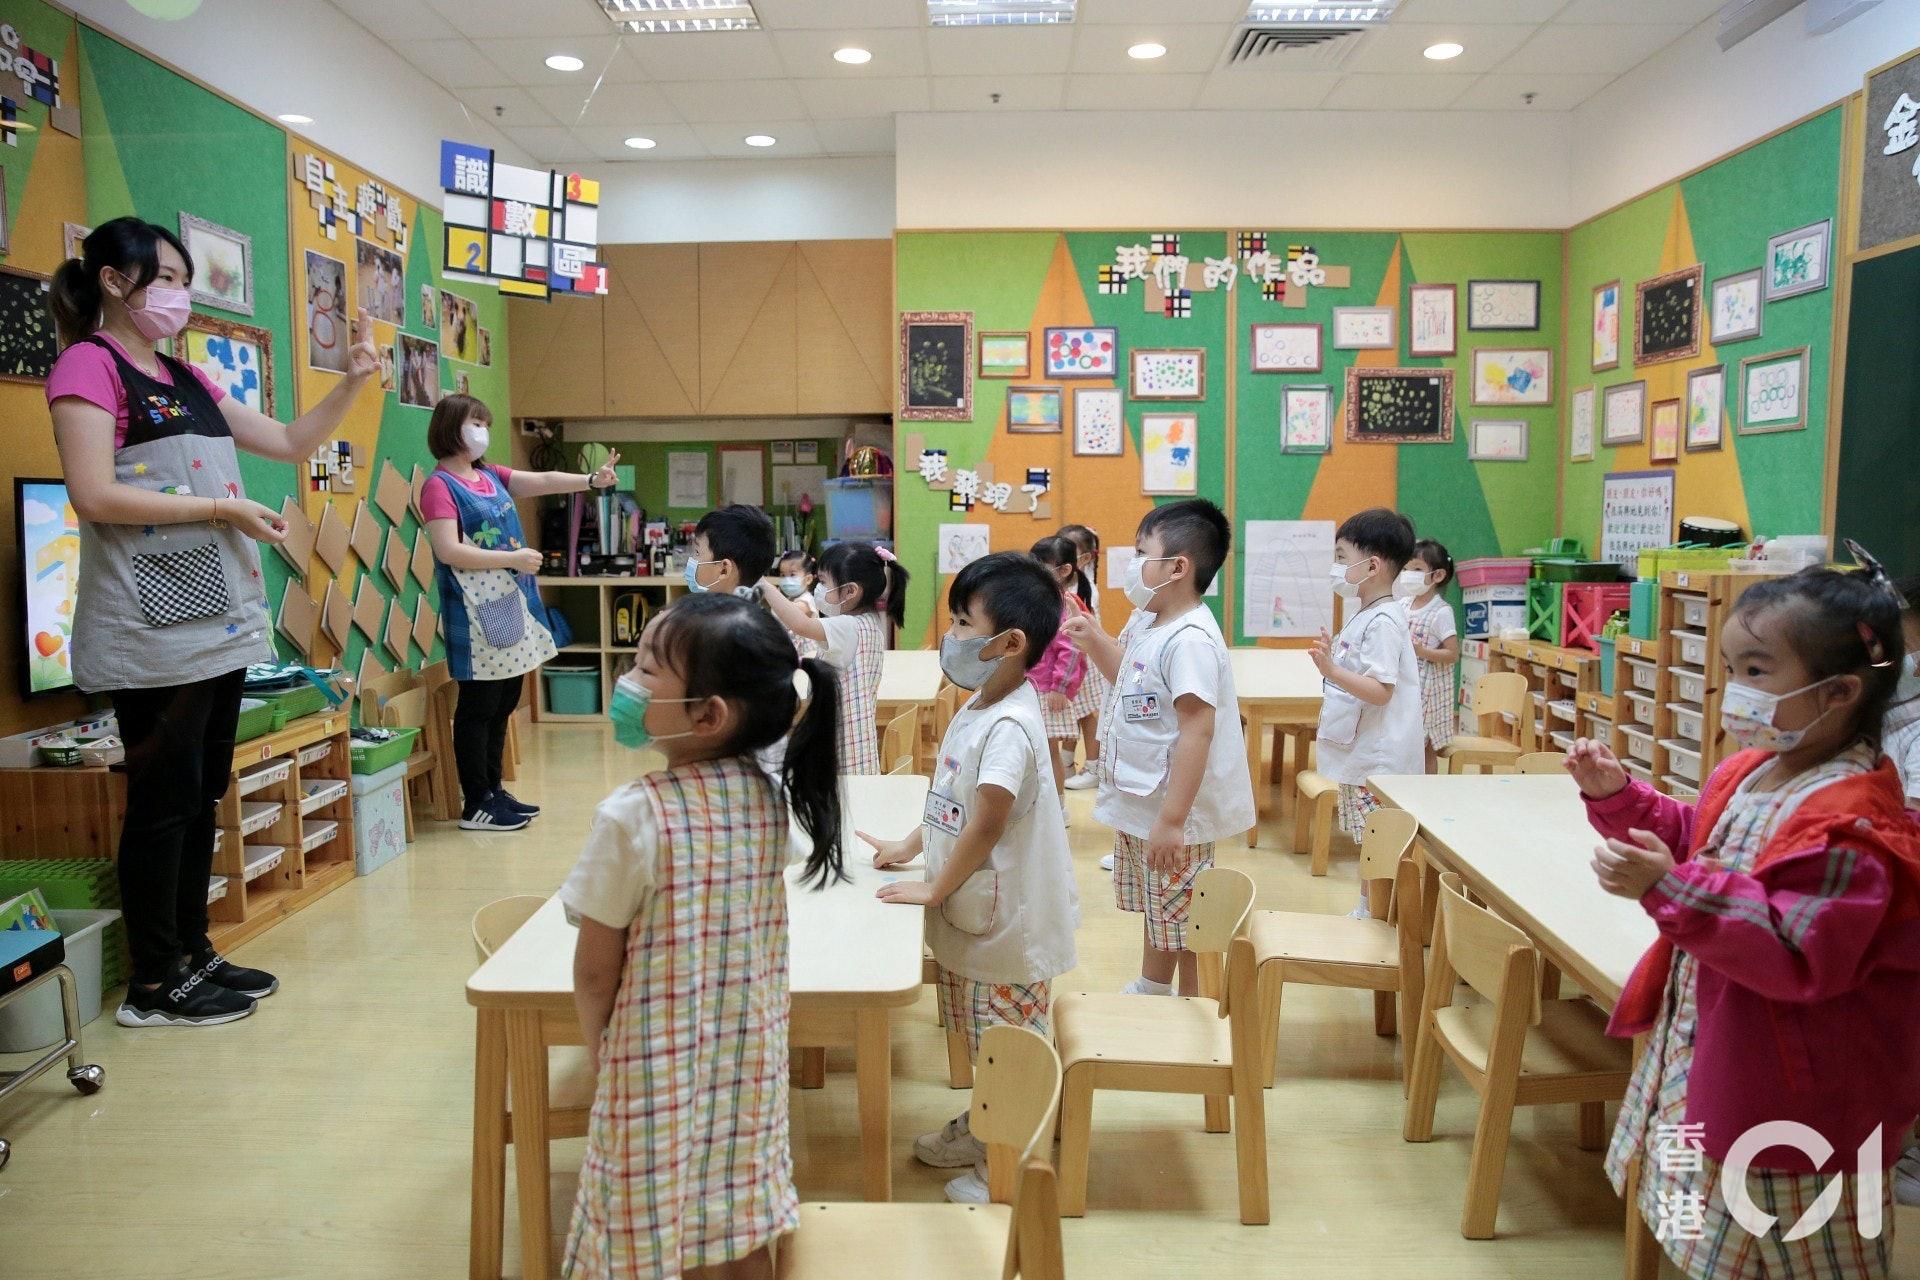 教育局宣布全港中學、小學、幼稚園,暫停面授課堂,延續至農曆新年假期。(資料圖片/李澤彤攝)